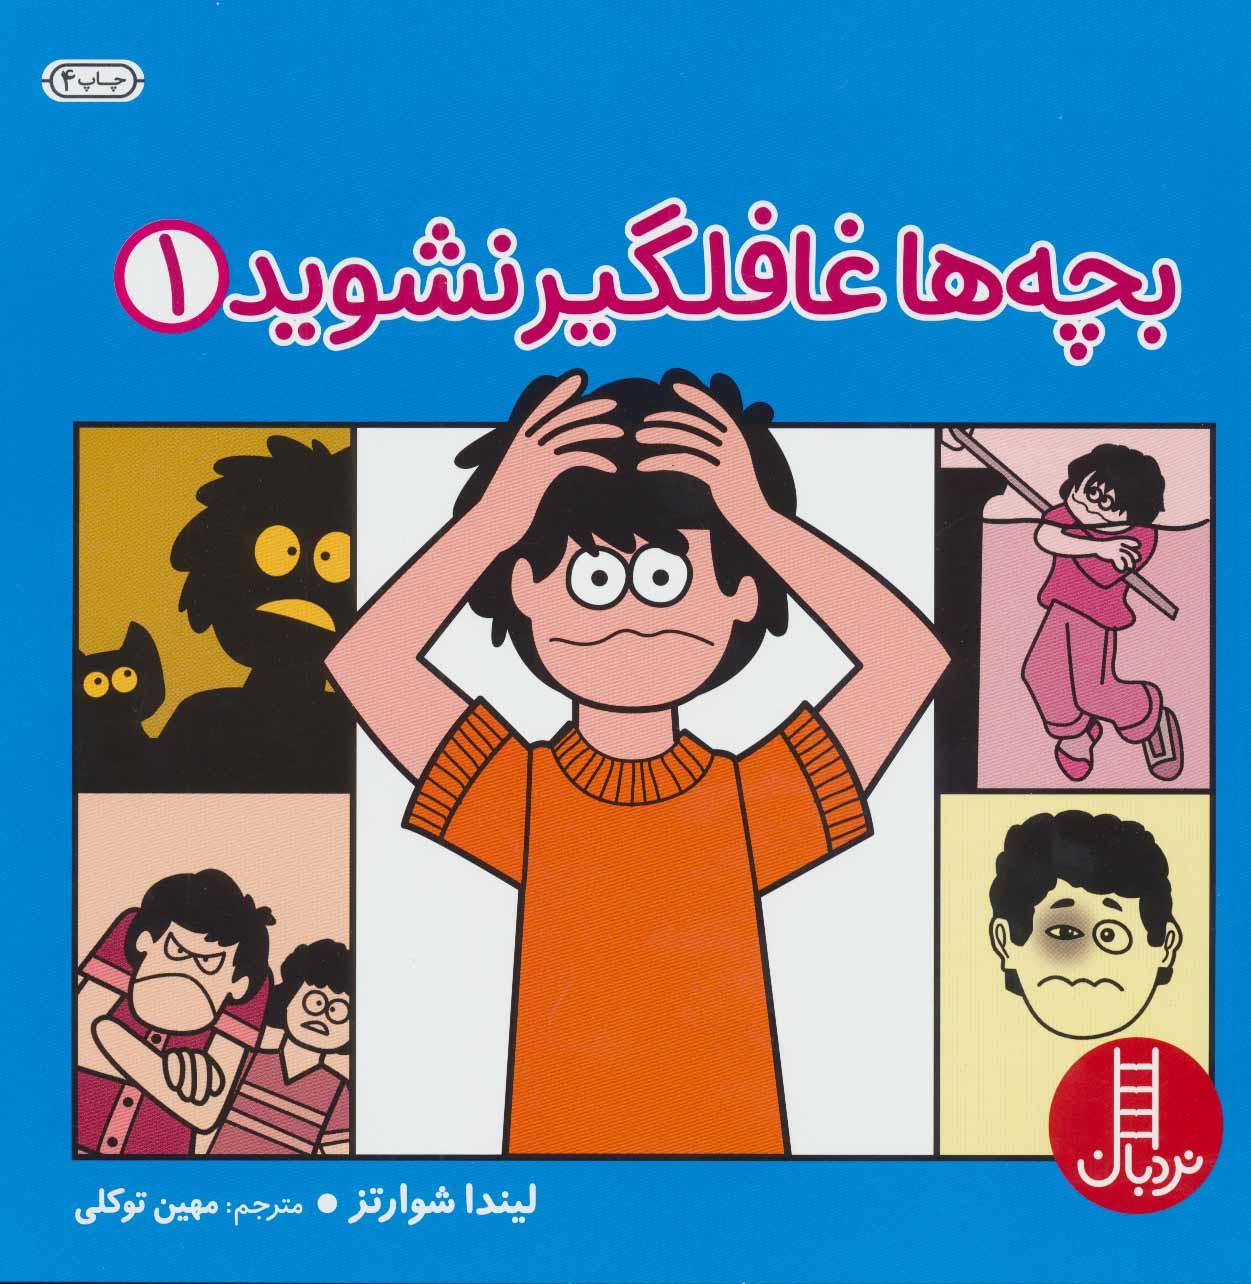 بچه ها غافلگیر نشوید 1 (کتاب های سفید)